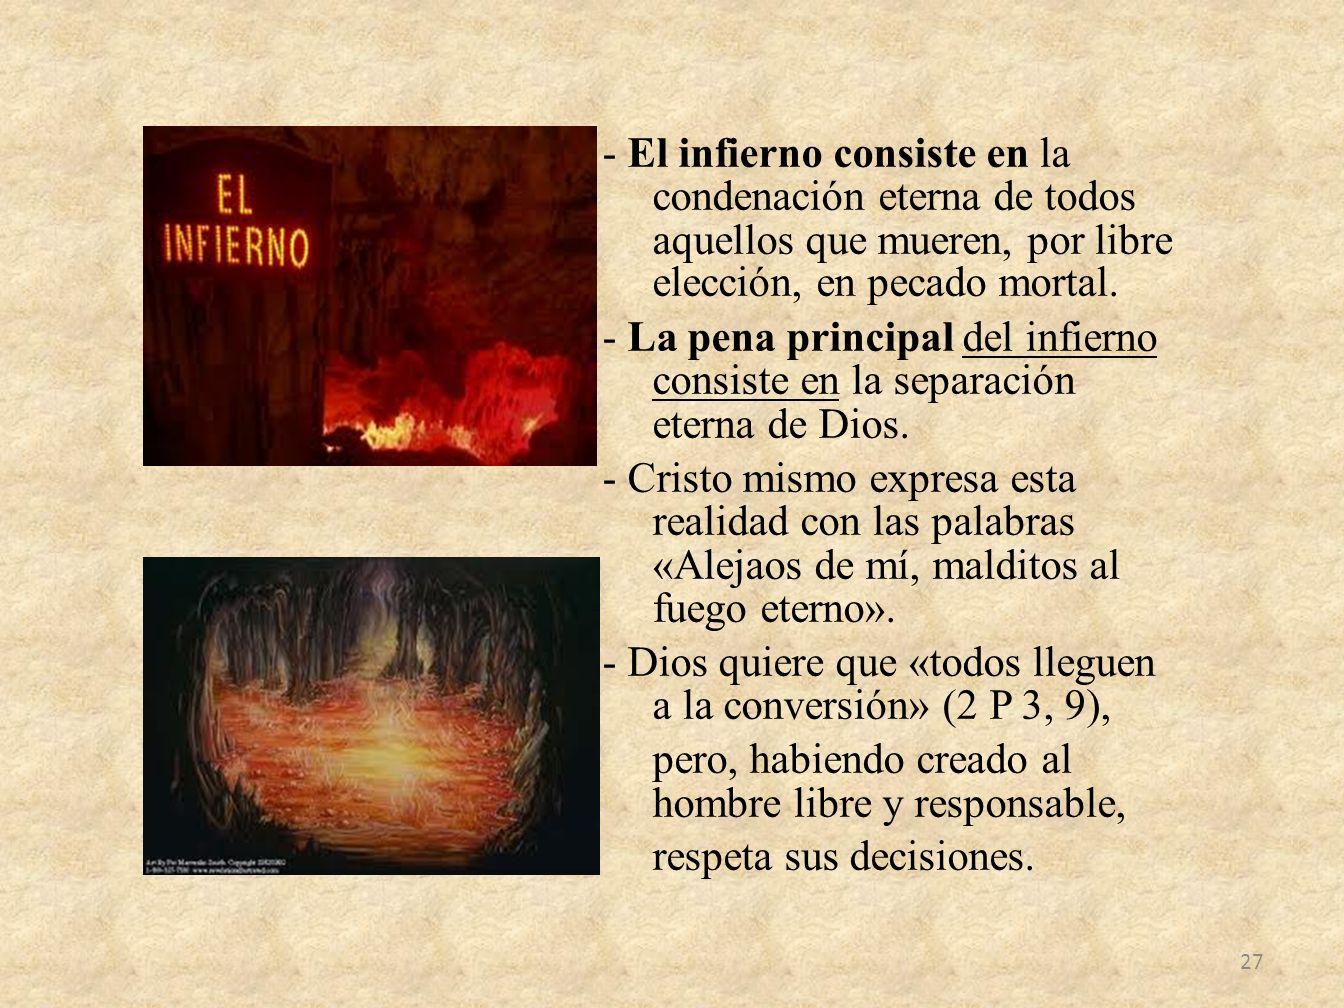 - El infierno consiste en la condenación eterna de todos aquellos que mueren, por libre elección, en pecado mortal. - La pena principal del infierno c